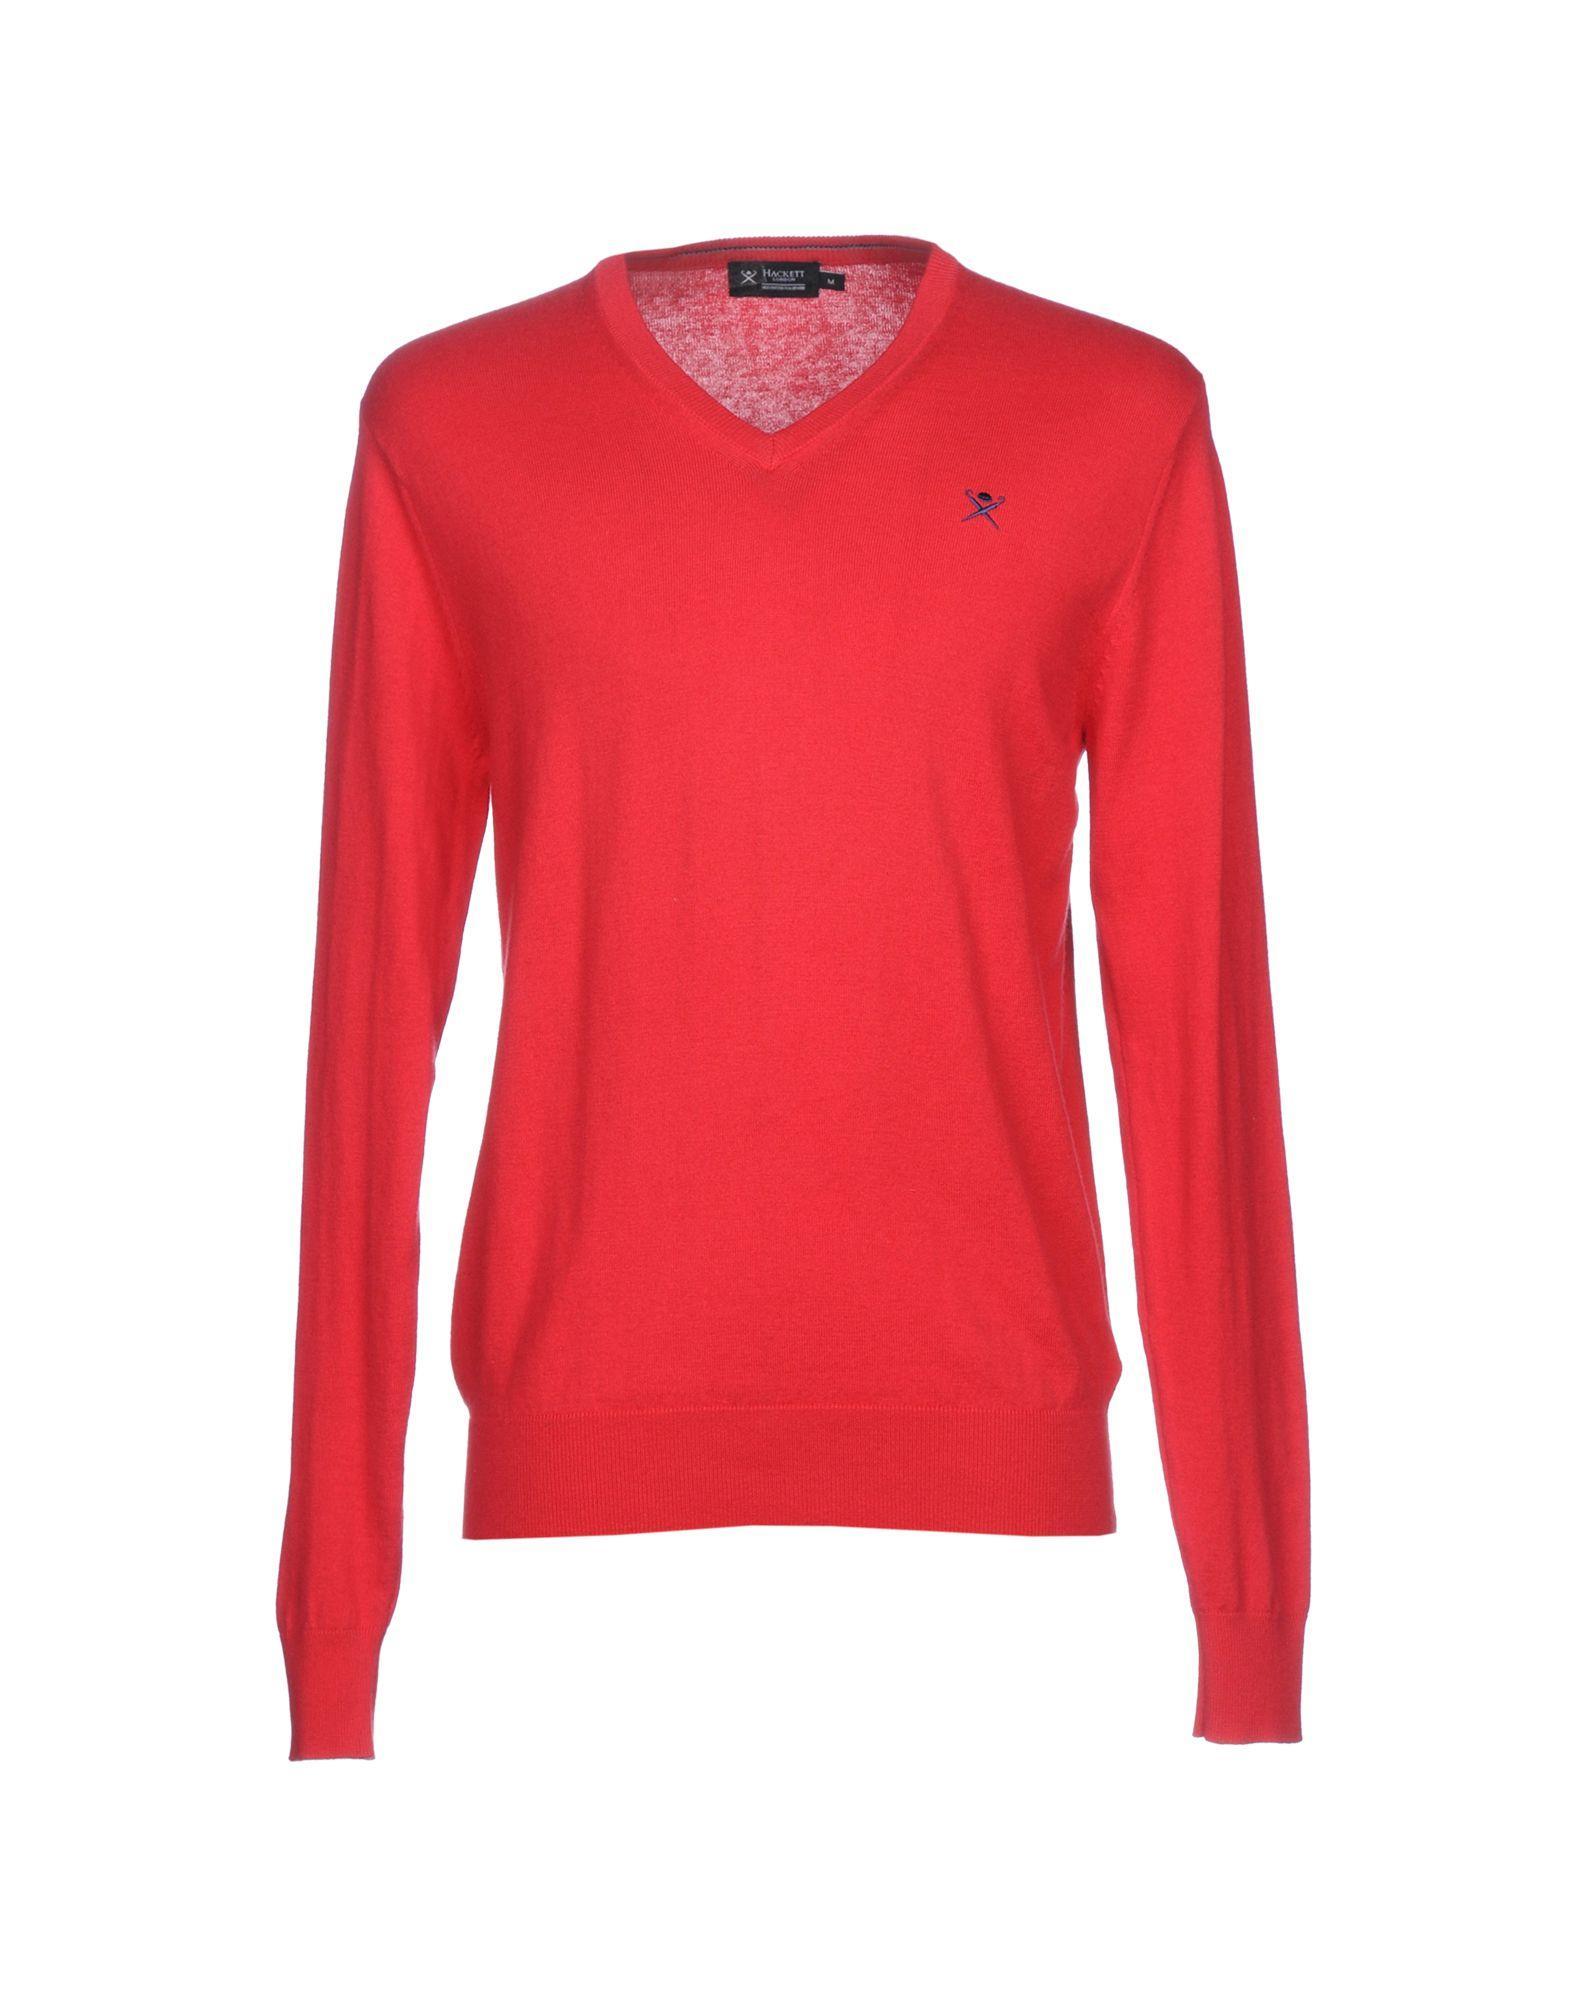 Hackett Sweater In Red